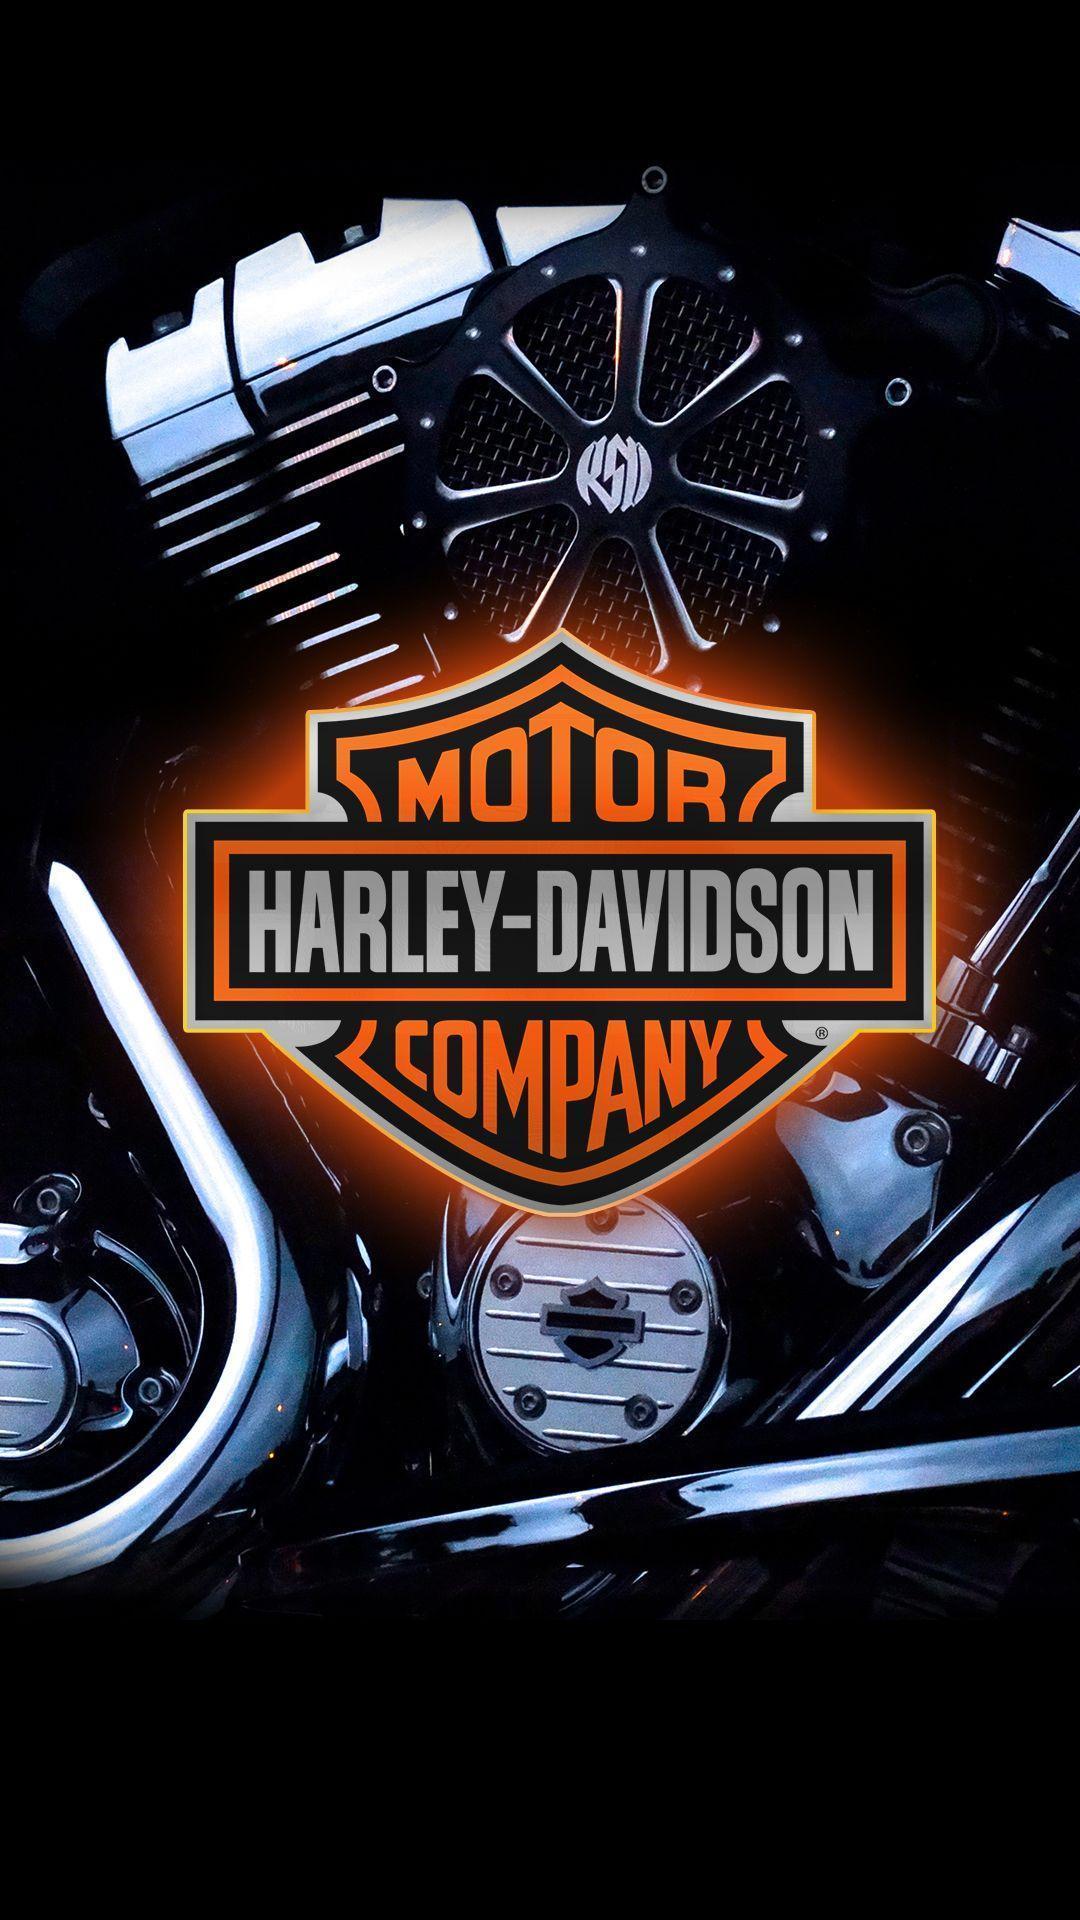 Harley Davidson HD Android Wallpaper